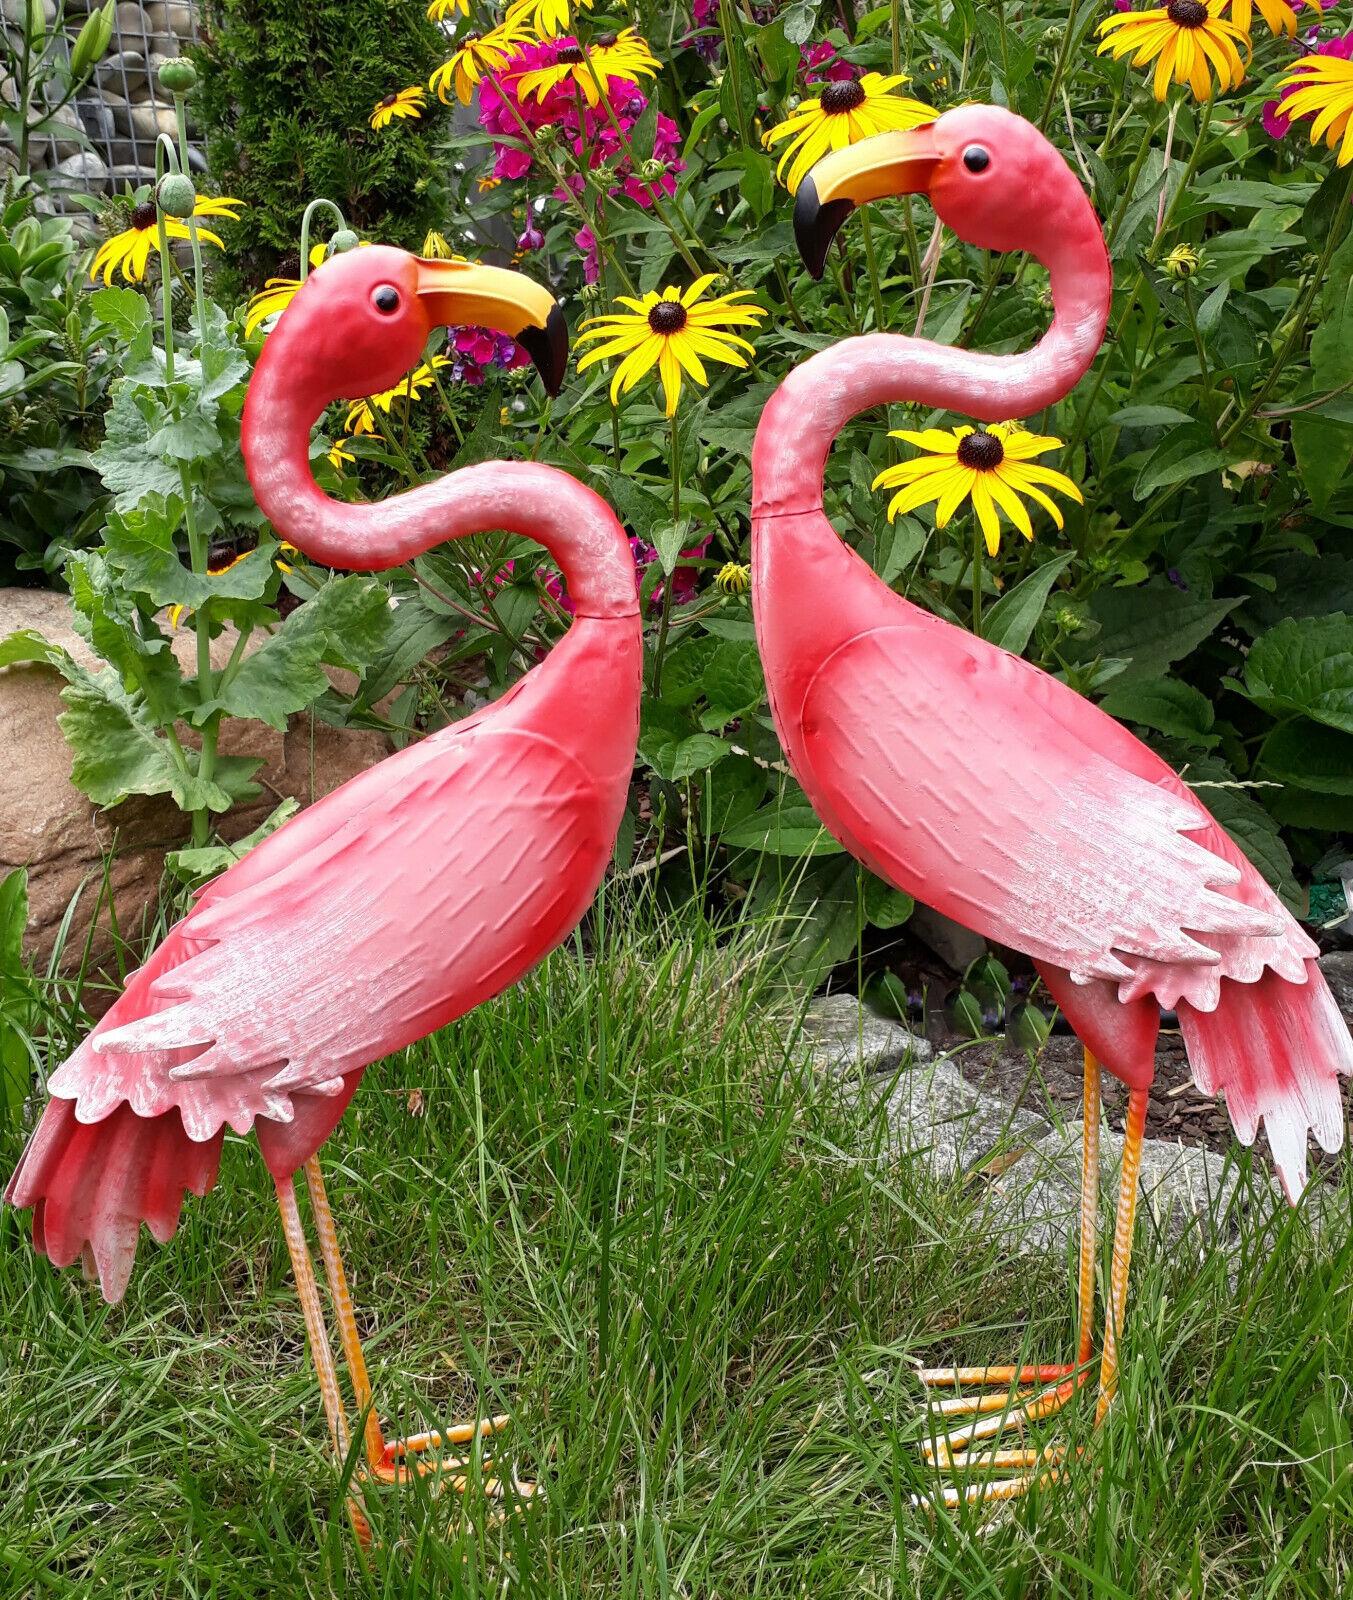 Conjunto de flamenco de figura de jardín figura de metal figura Colorida animal pájaro deco estanque decoración jardín